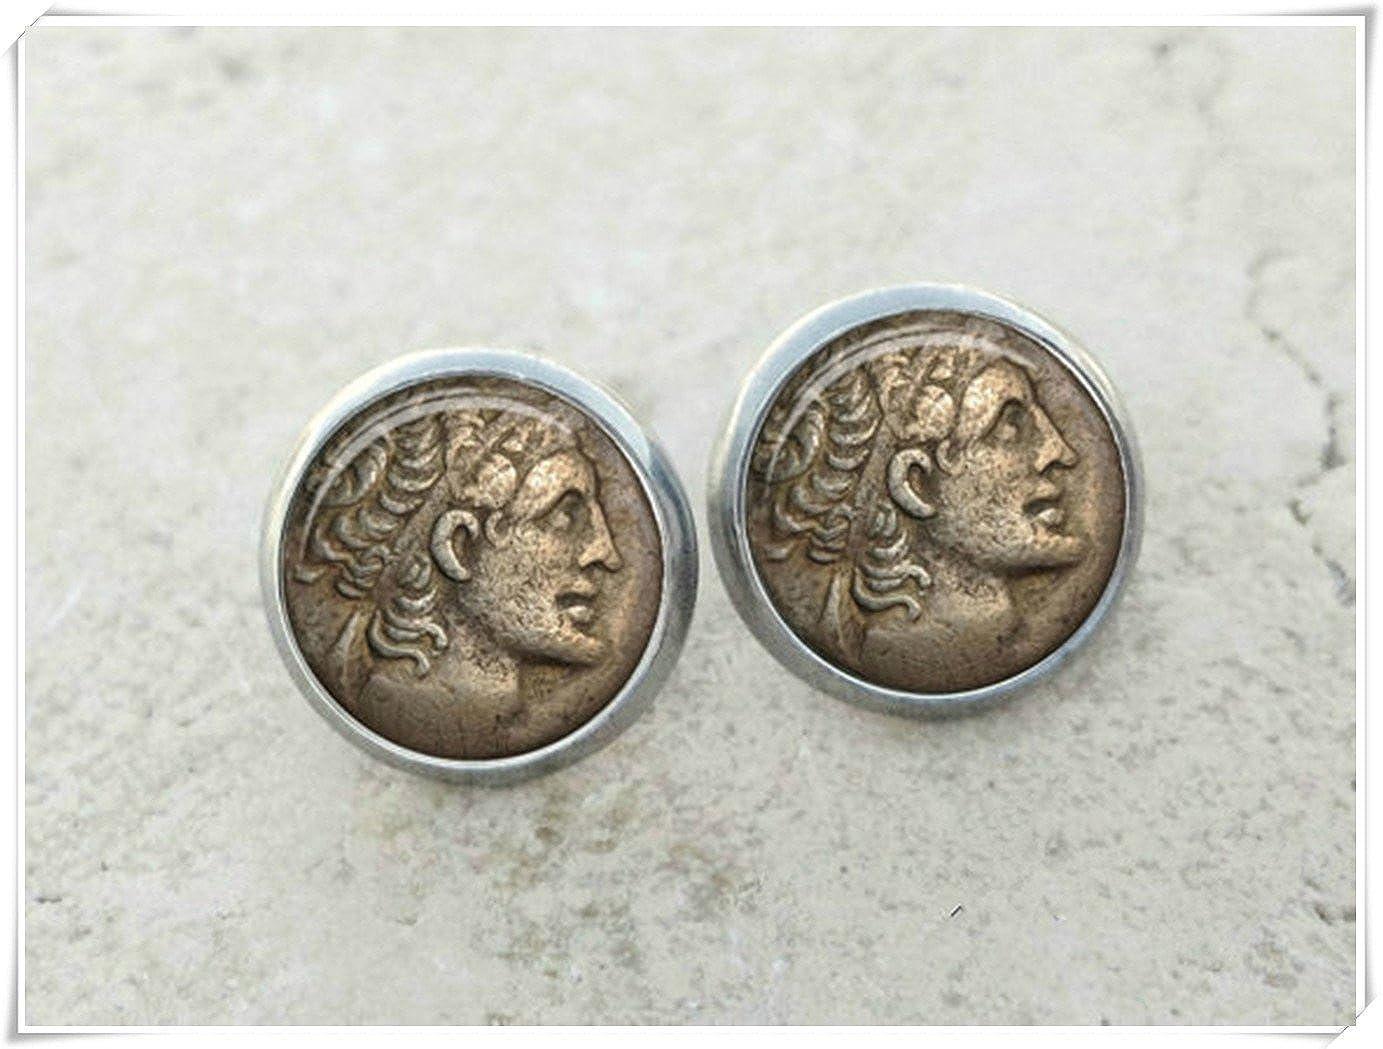 Elf House Pendientes de monedas de cristal, pendientes de perno de monedas, pendientes de arte, joyería de monedas, monedas antiguas,